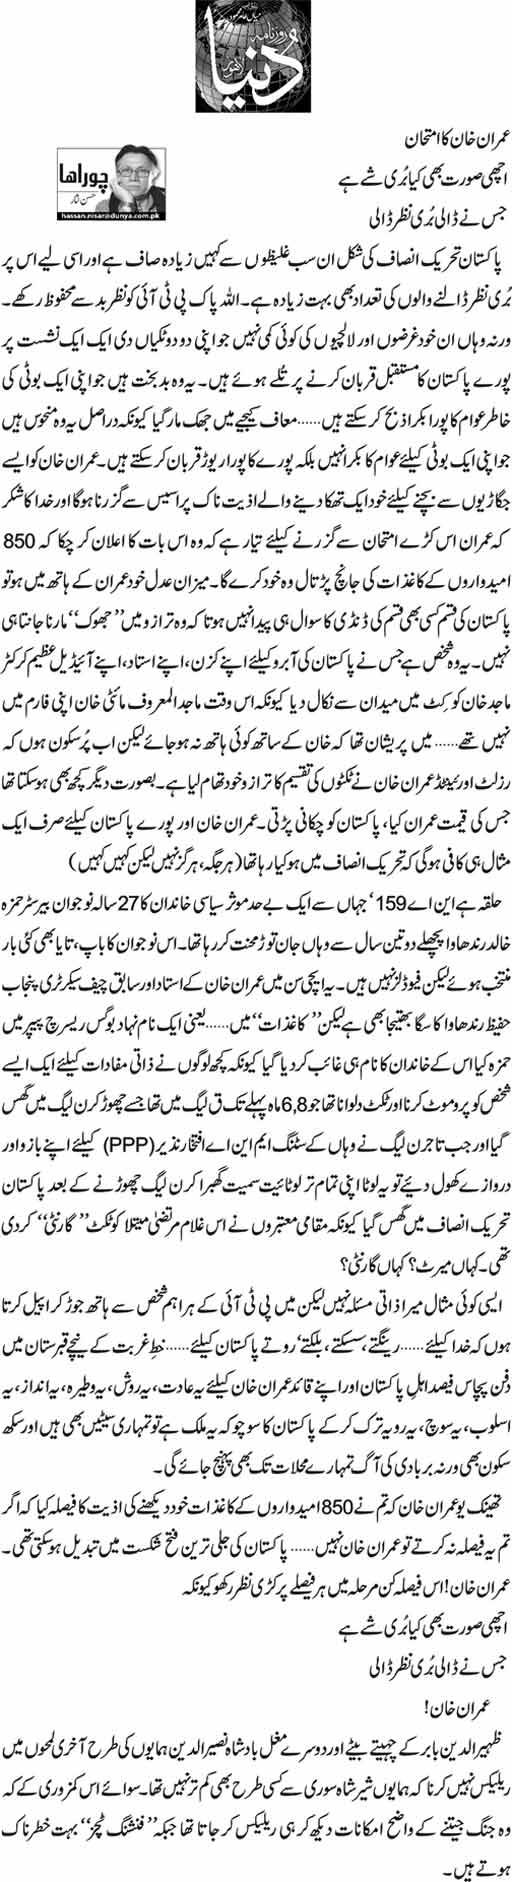 Imran Khan Ka Imtehaan - Hassan Nisar